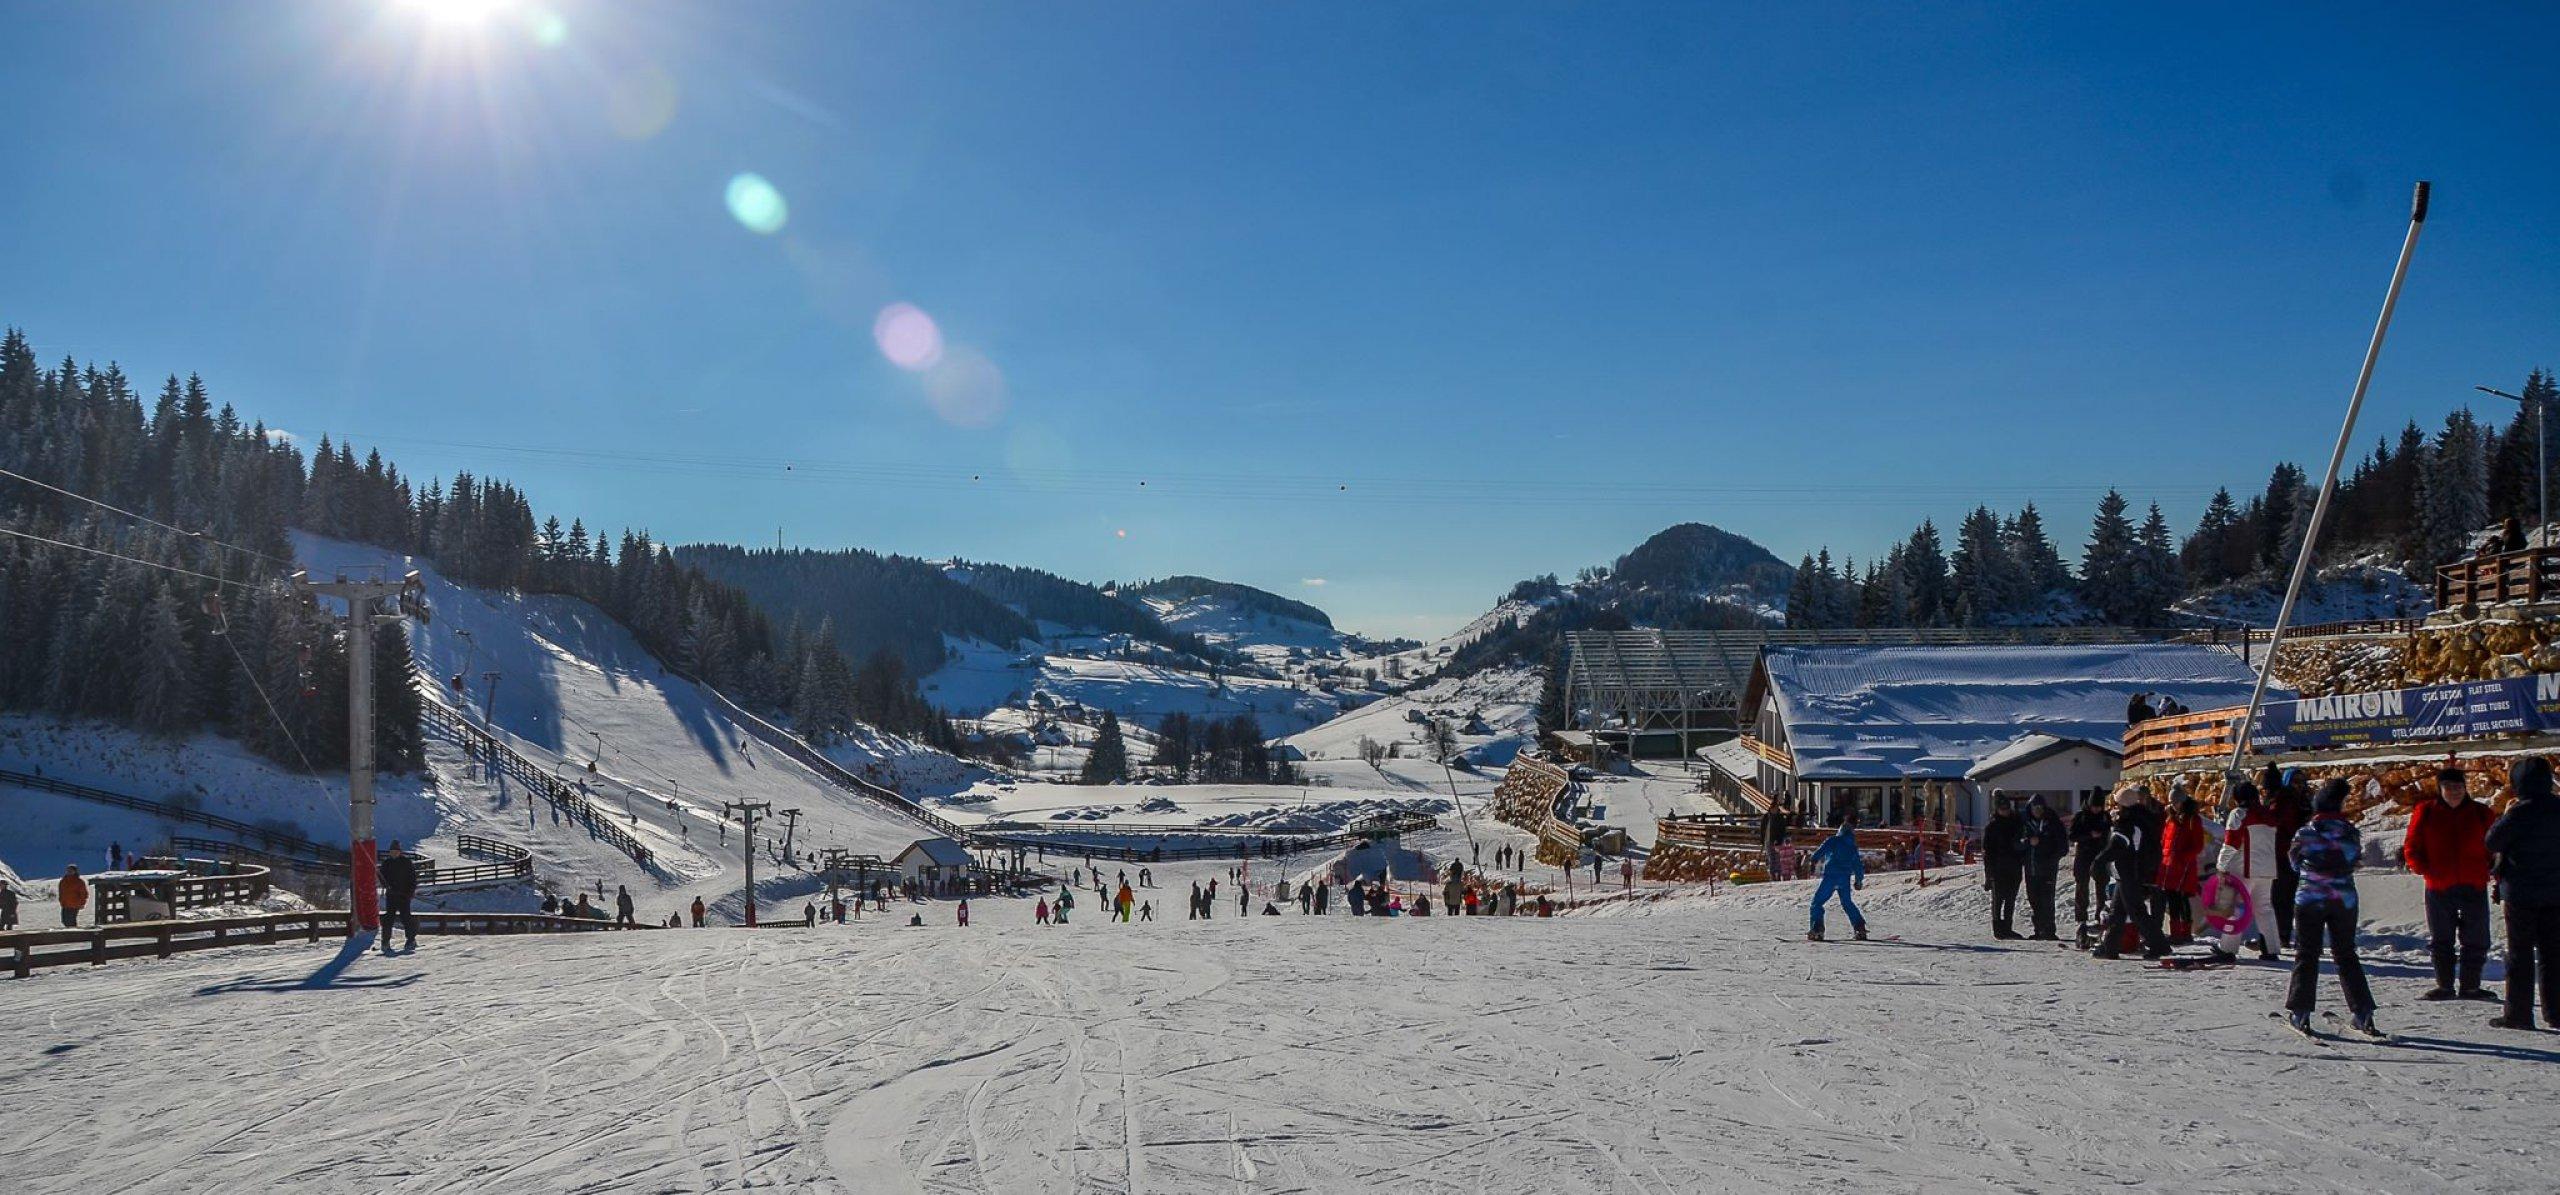 Parti ade Ski Fundata